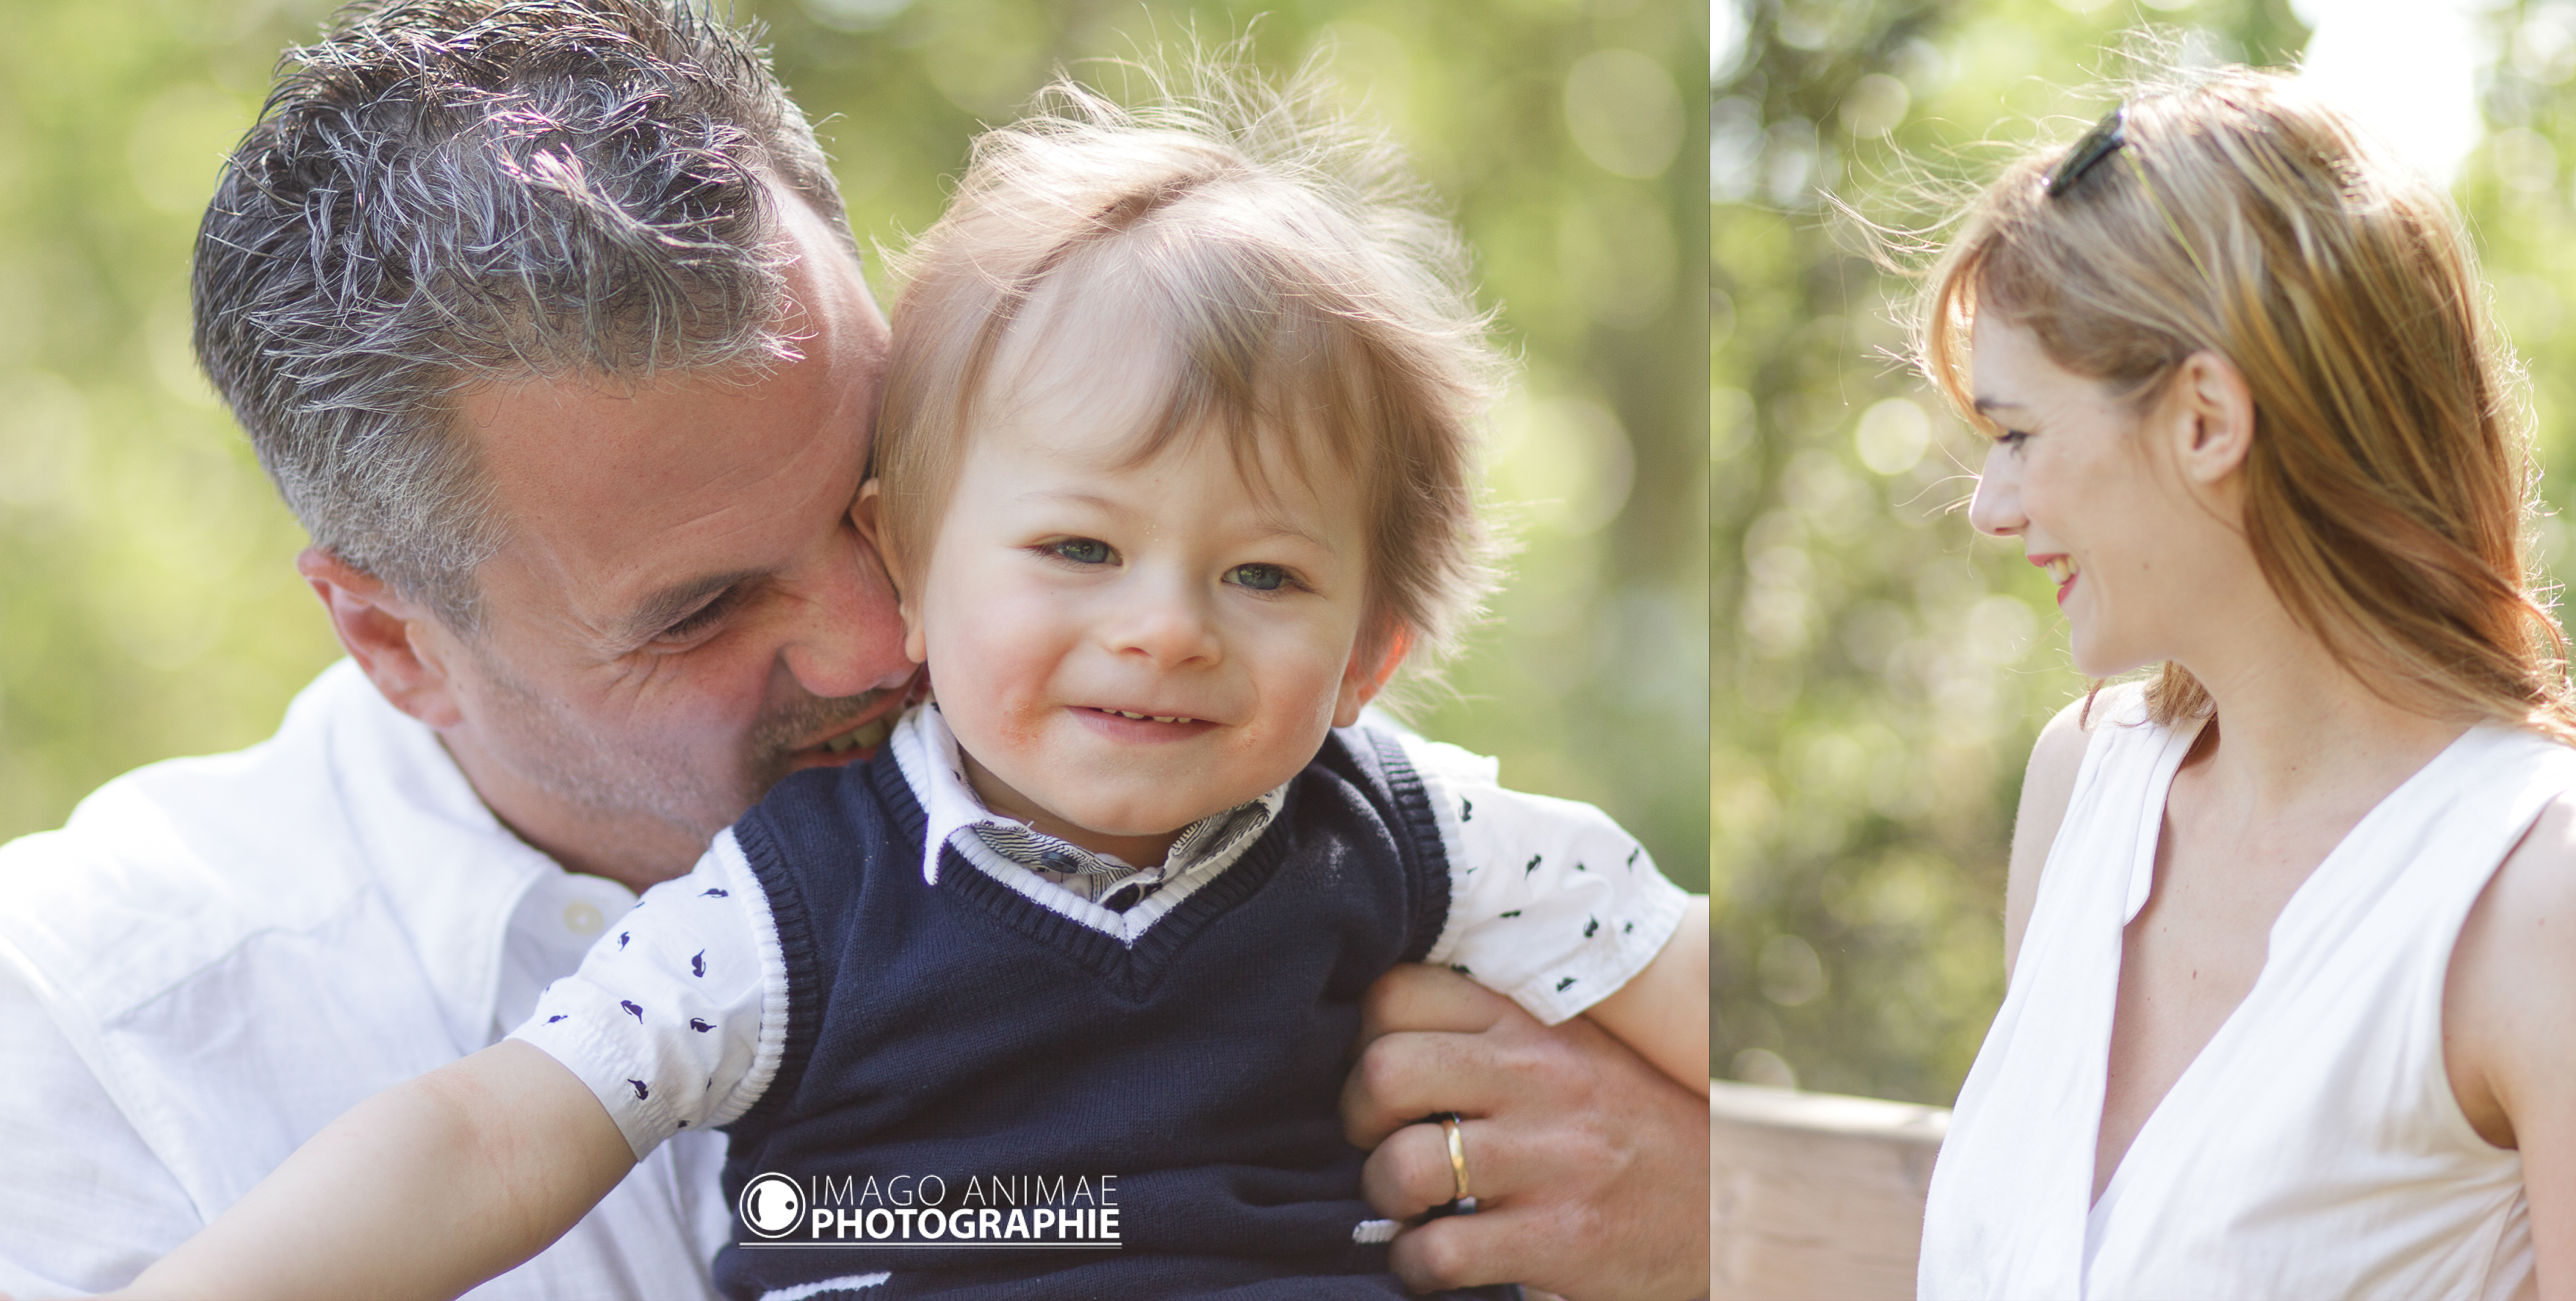 séance en famille à Eaunes - Aurélie & Nicolas - sourire à la vie